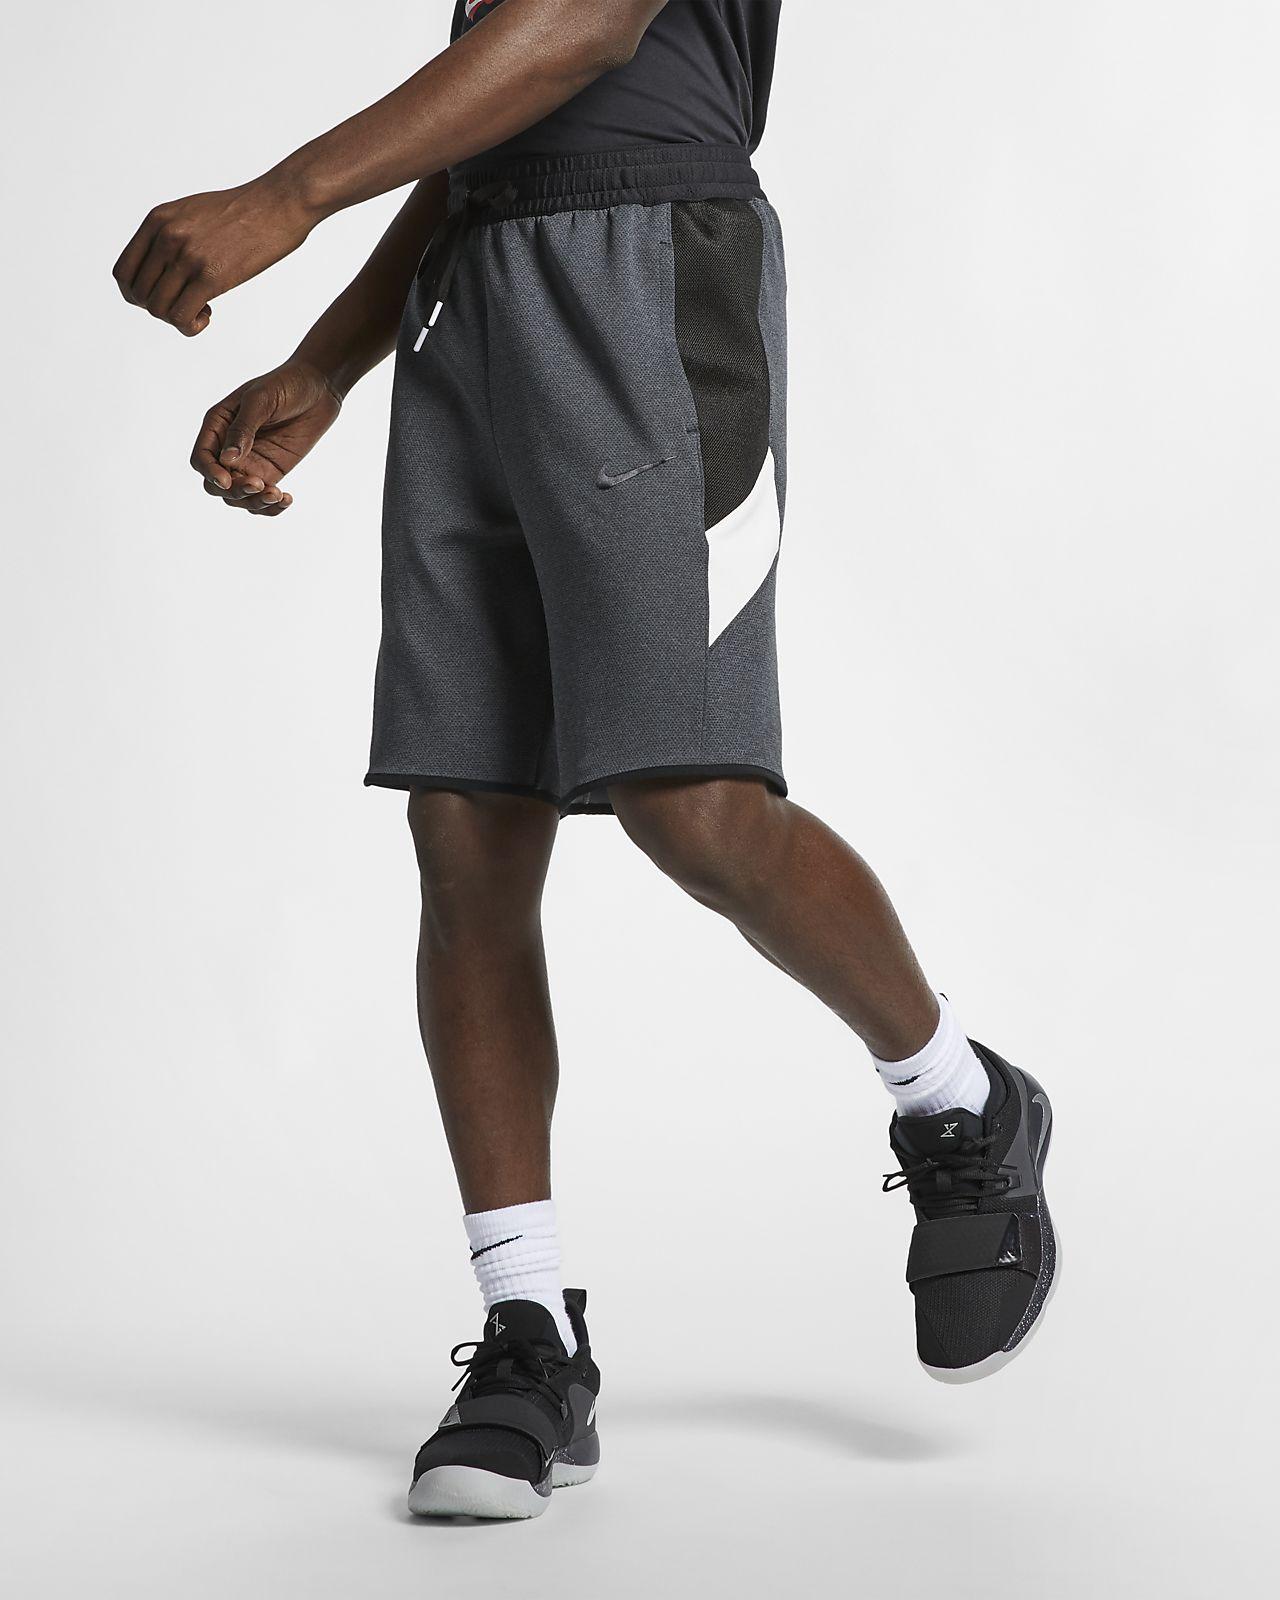 Nike Therma Flex Showtime Pantalón corto de baloncesto - Hombre